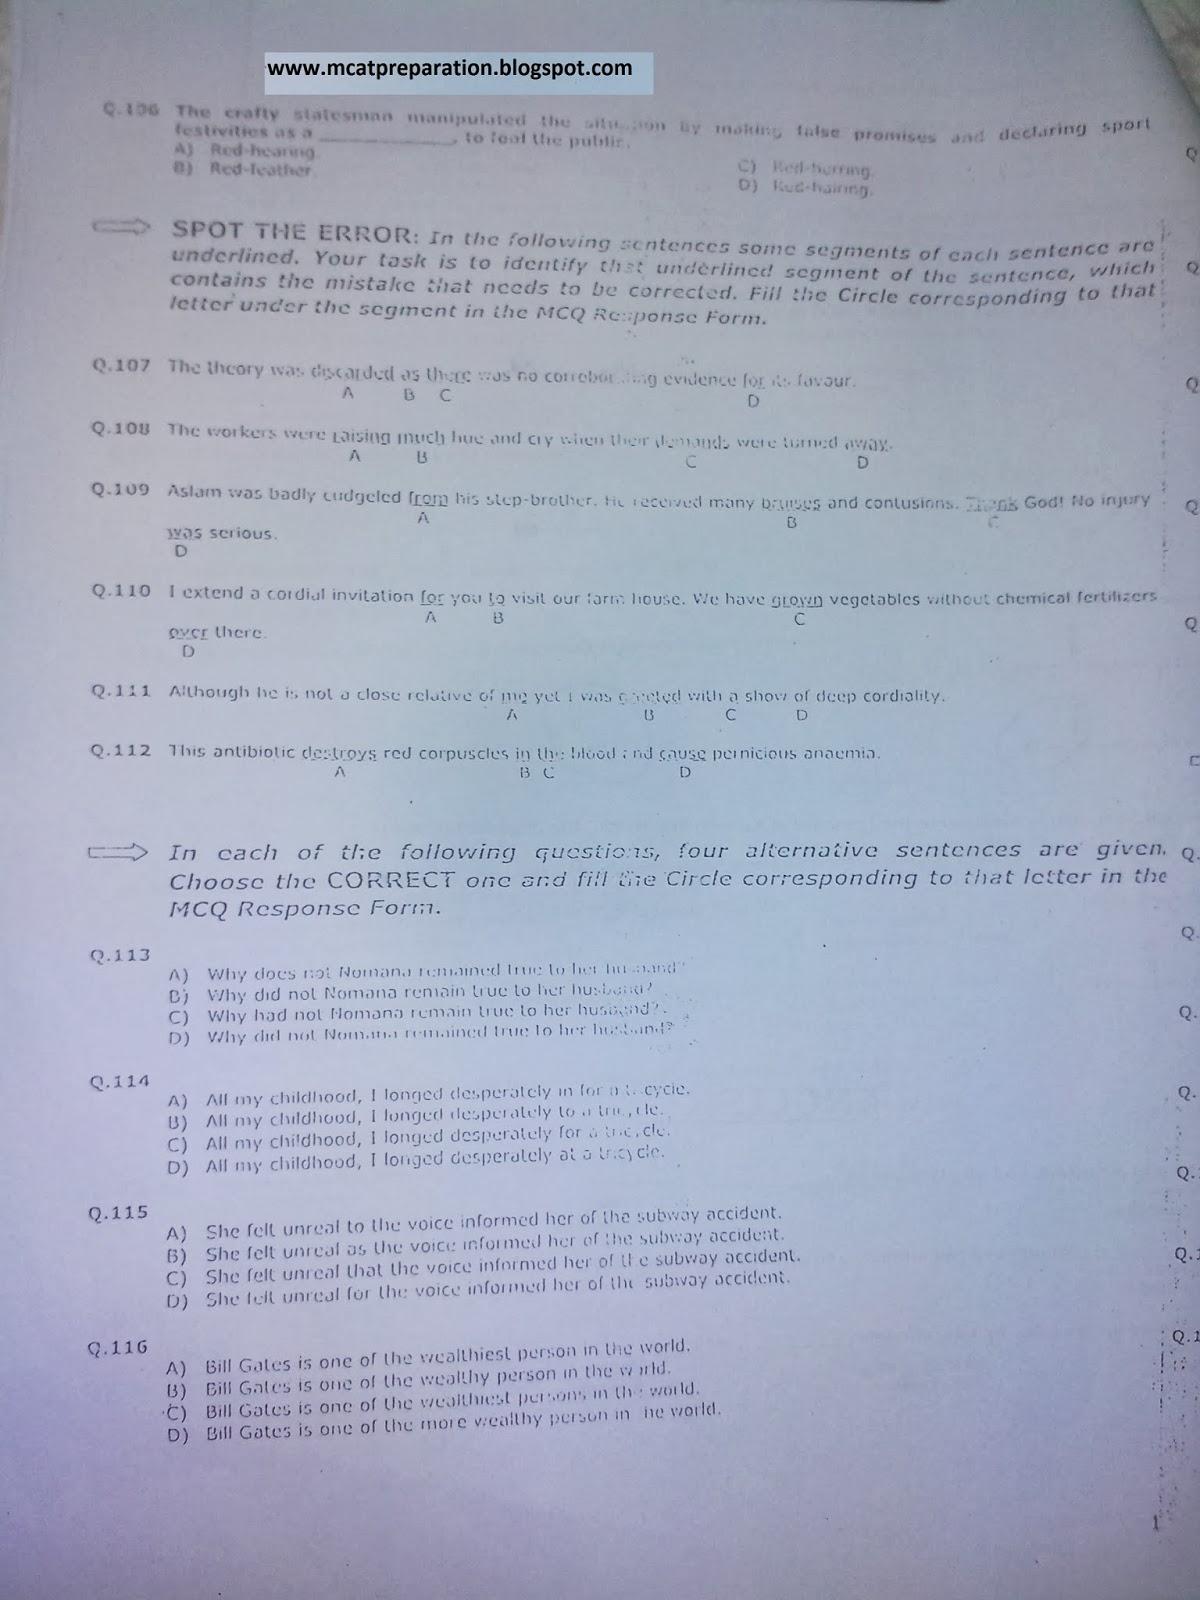 MCAT Sample Essay Questions